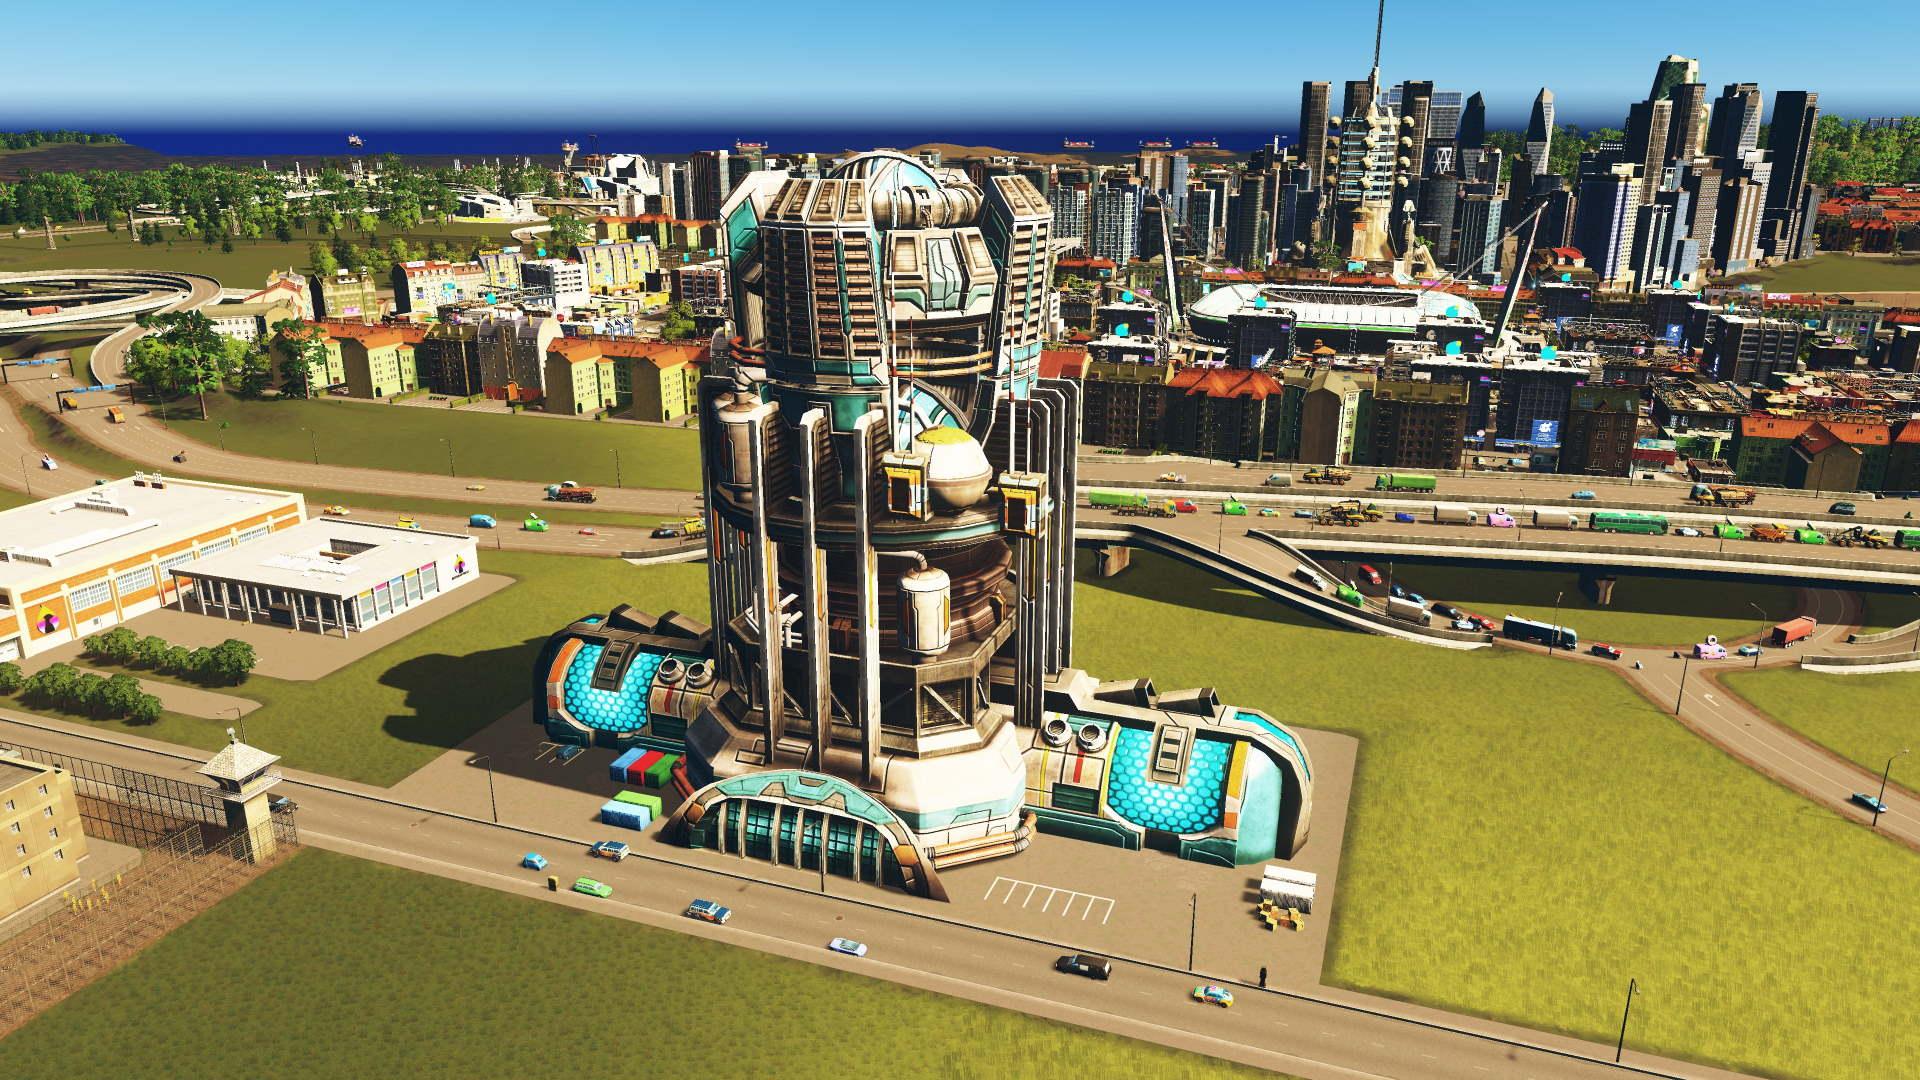 Kernfusionskraftwerk in Cities Skylines